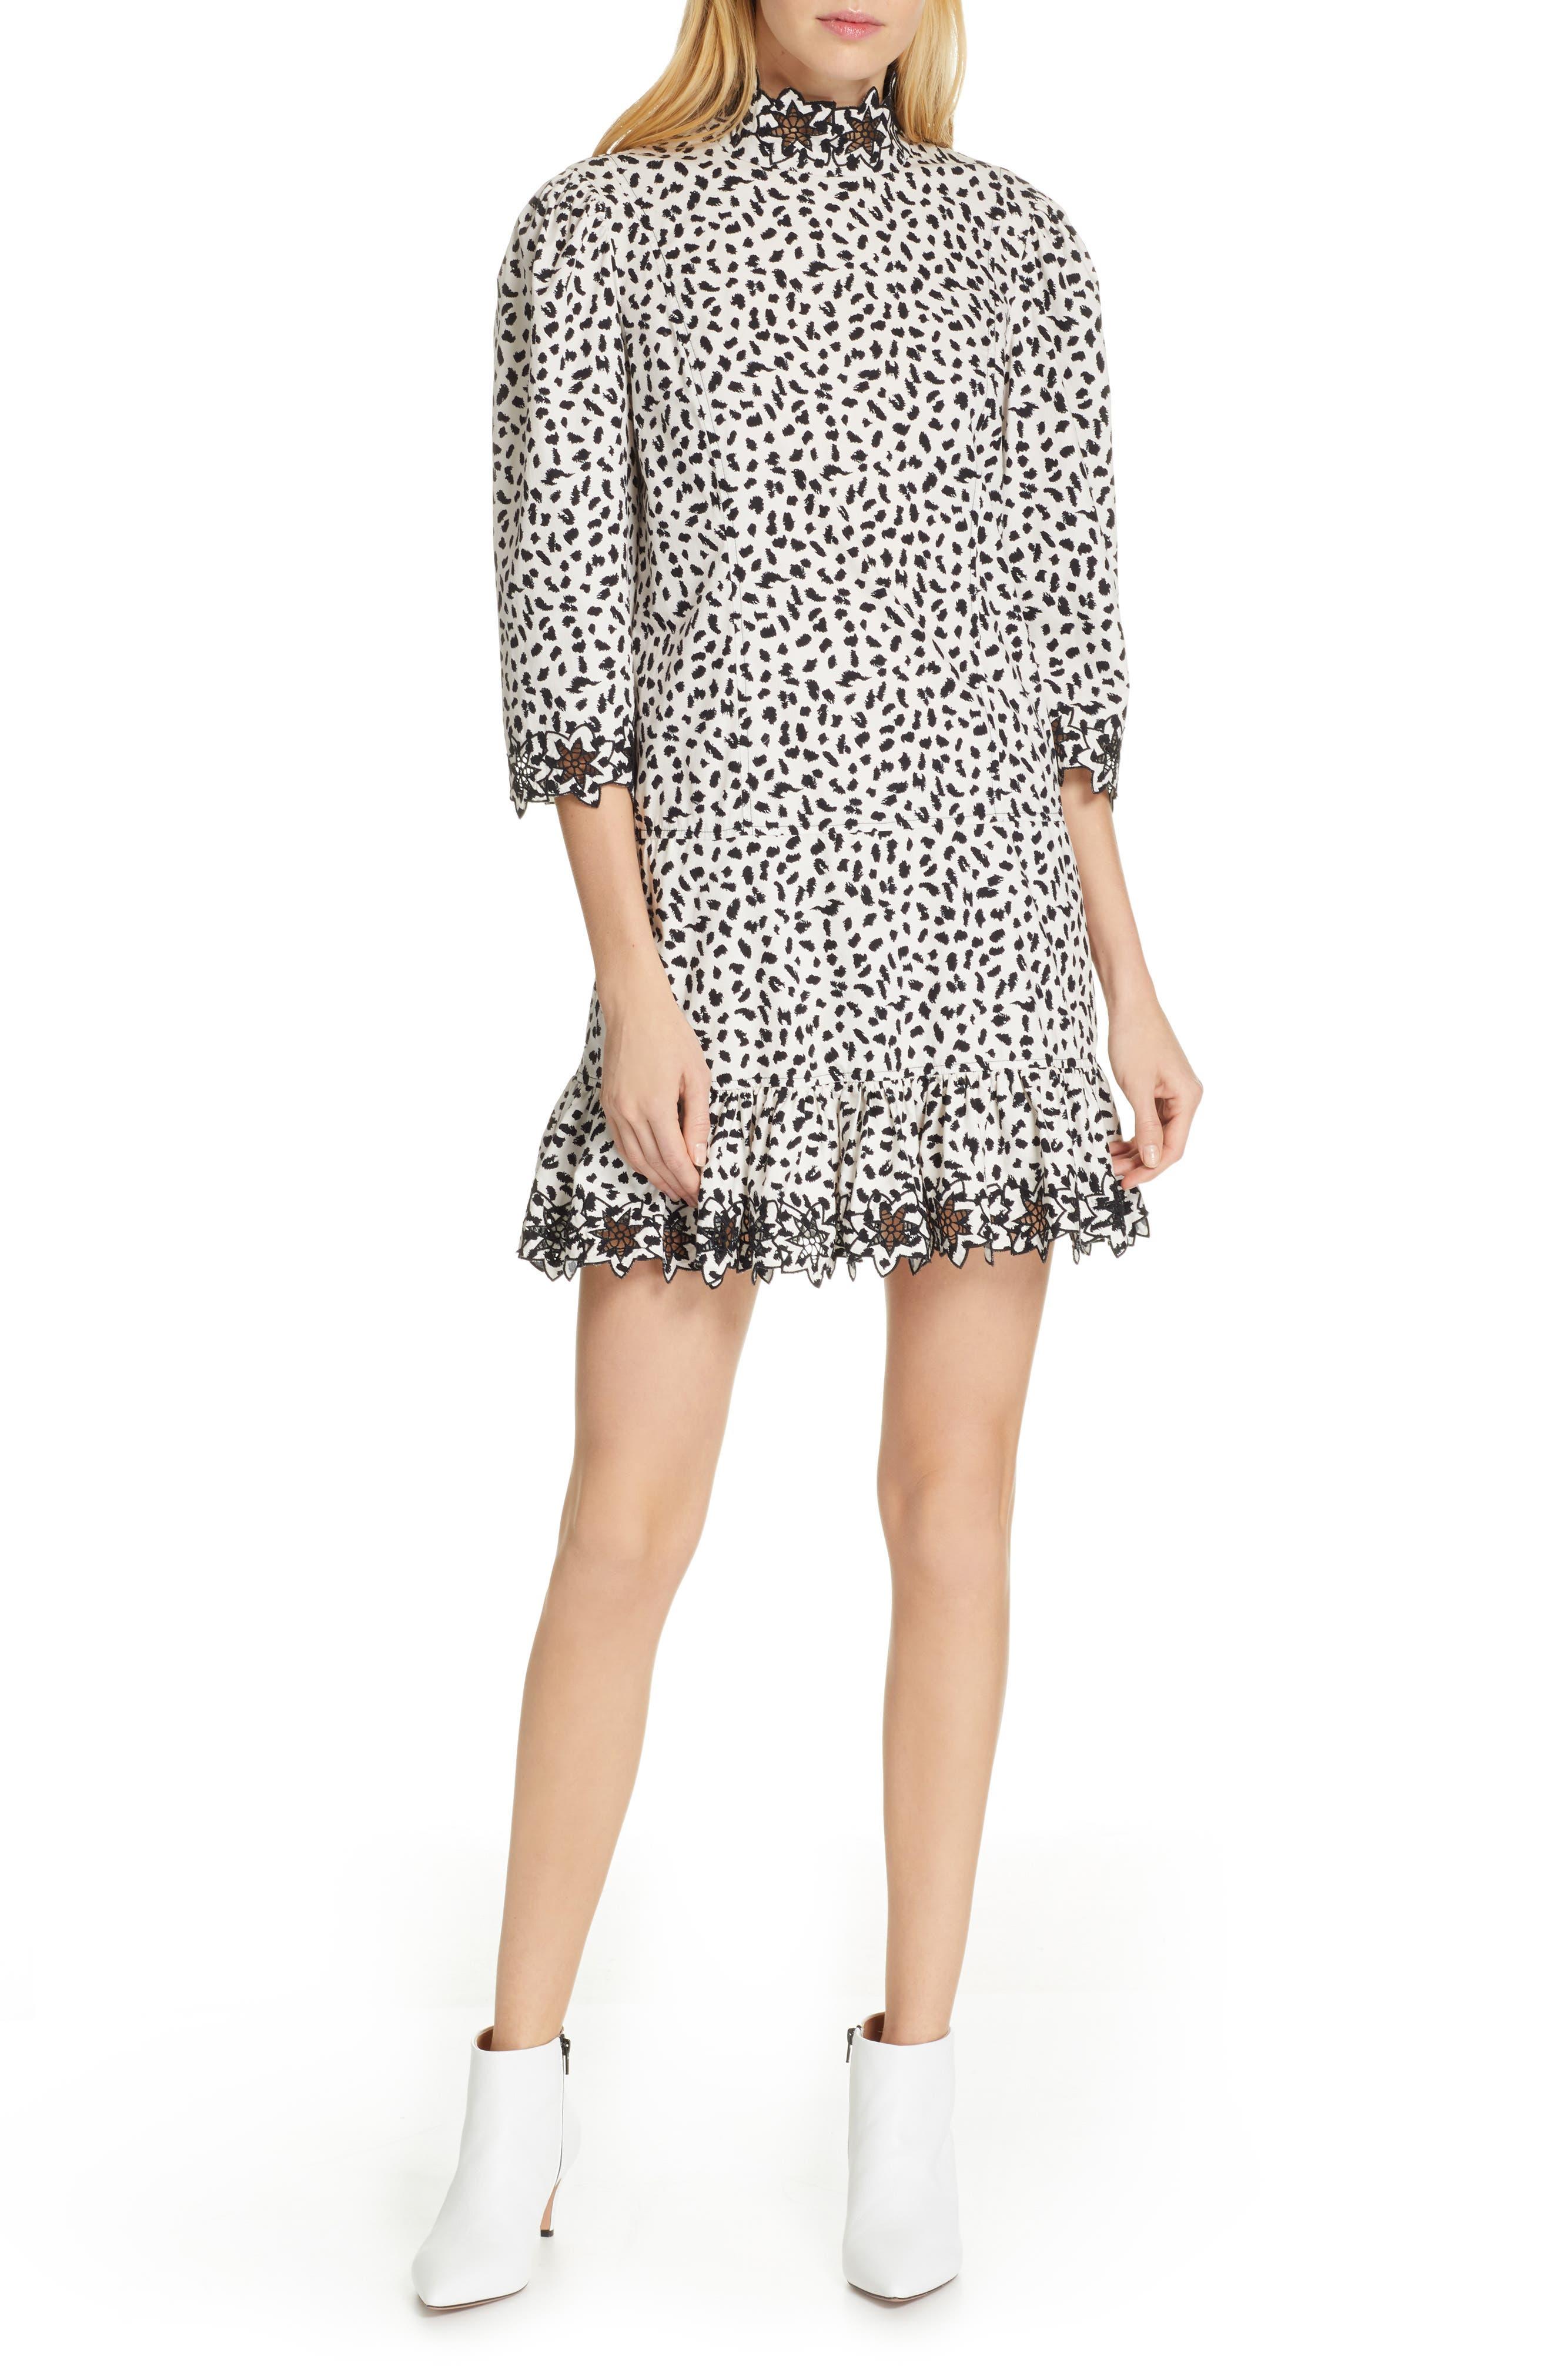 La Vie Rebecca Taylor Embellished Animal Print Dress, Beige